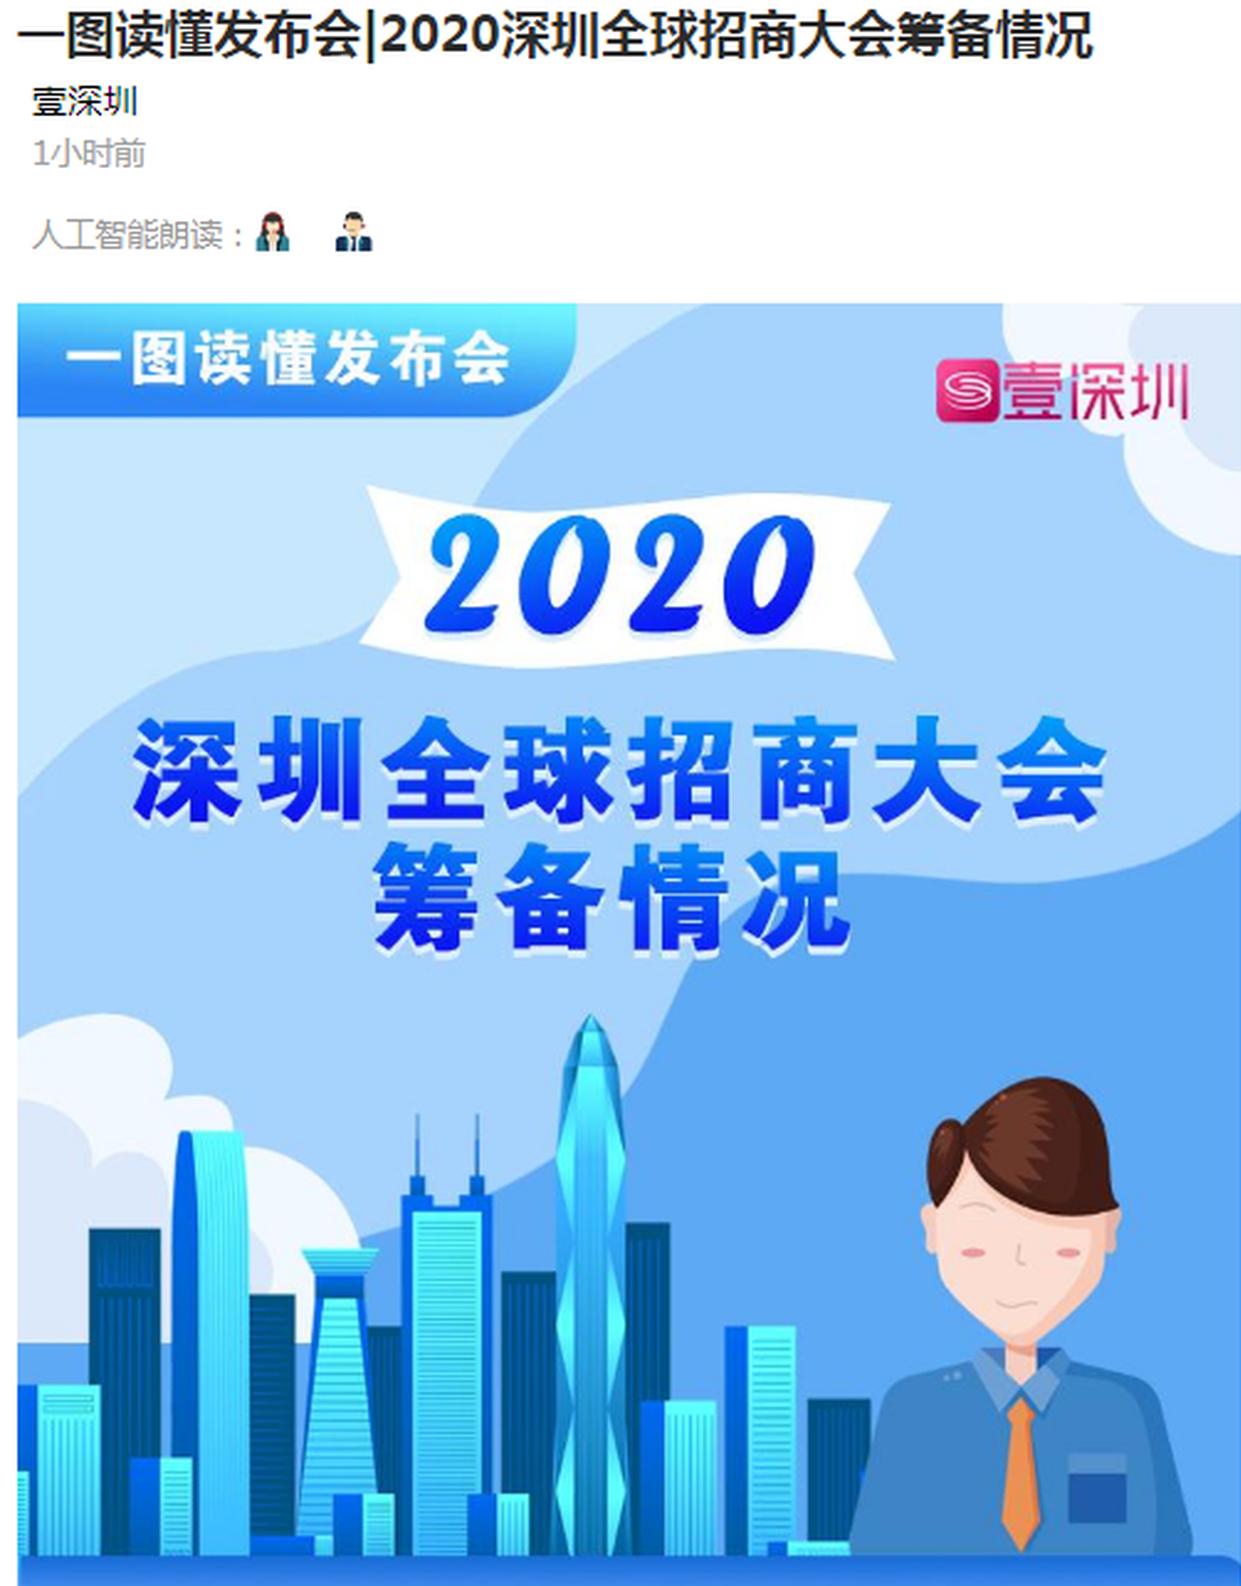 一图读懂发布会|2020深圳全球招商大会筹备情况